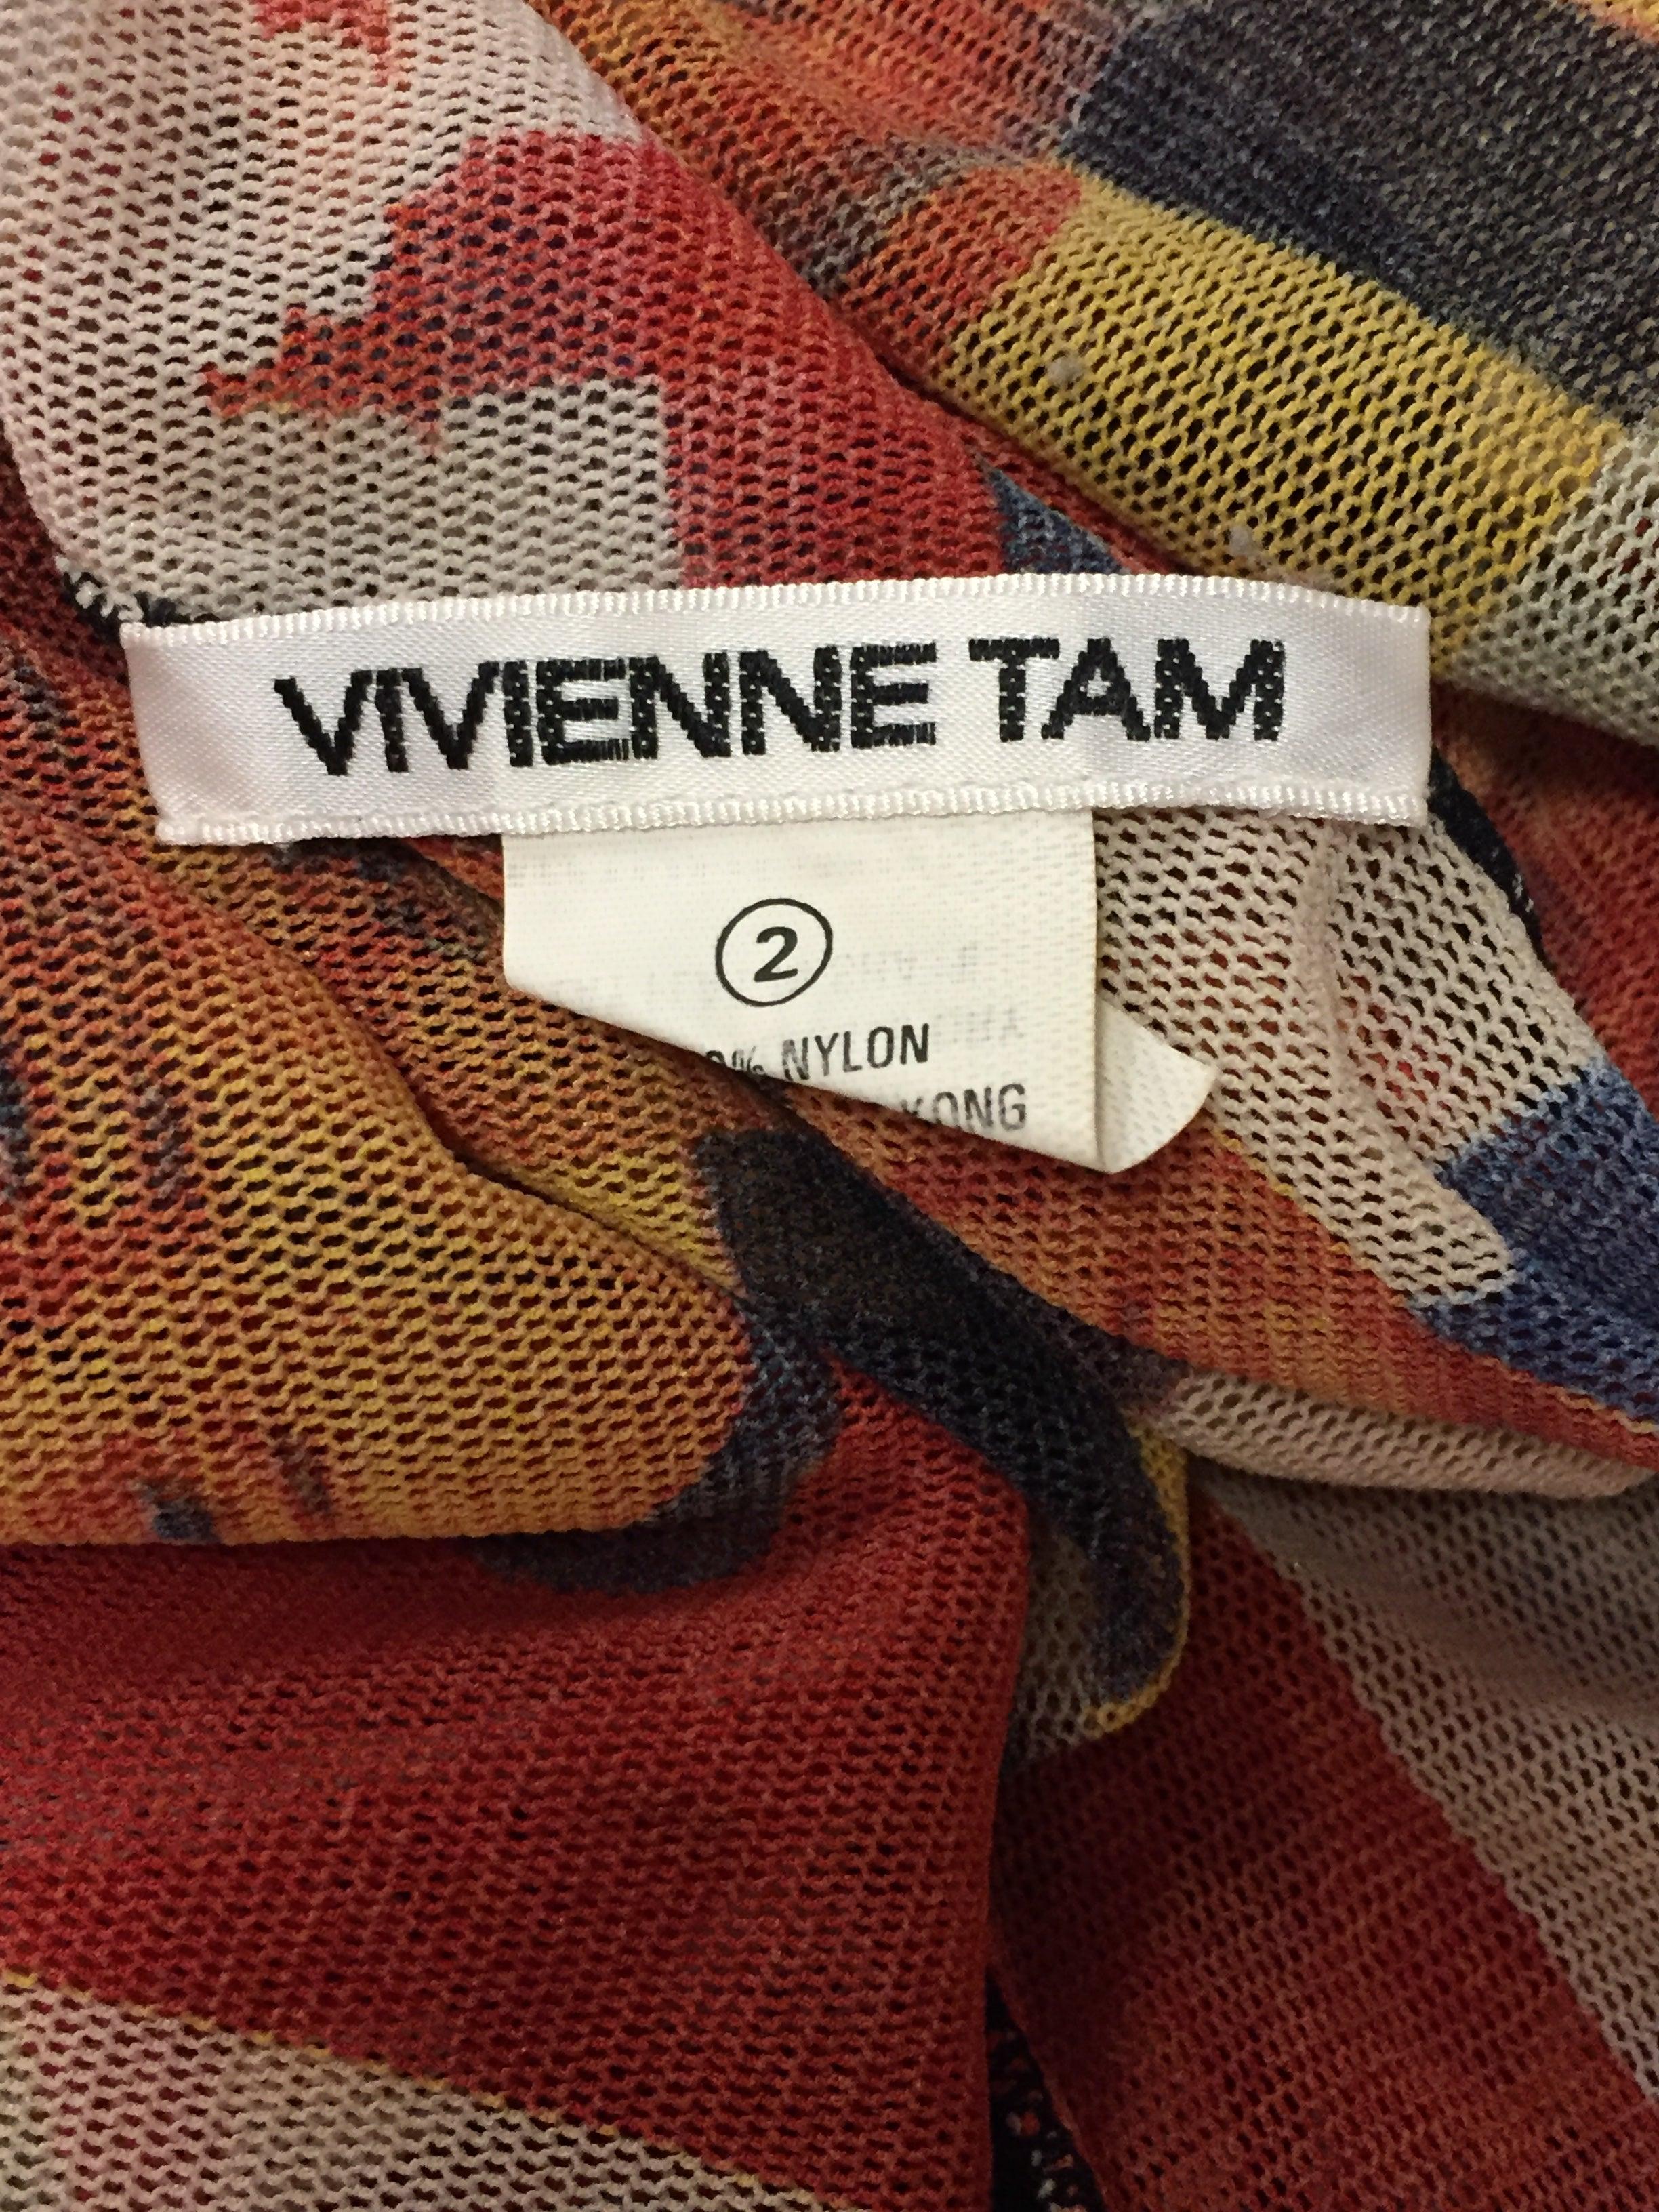 c94354b3b 1995 Vivienne Tam